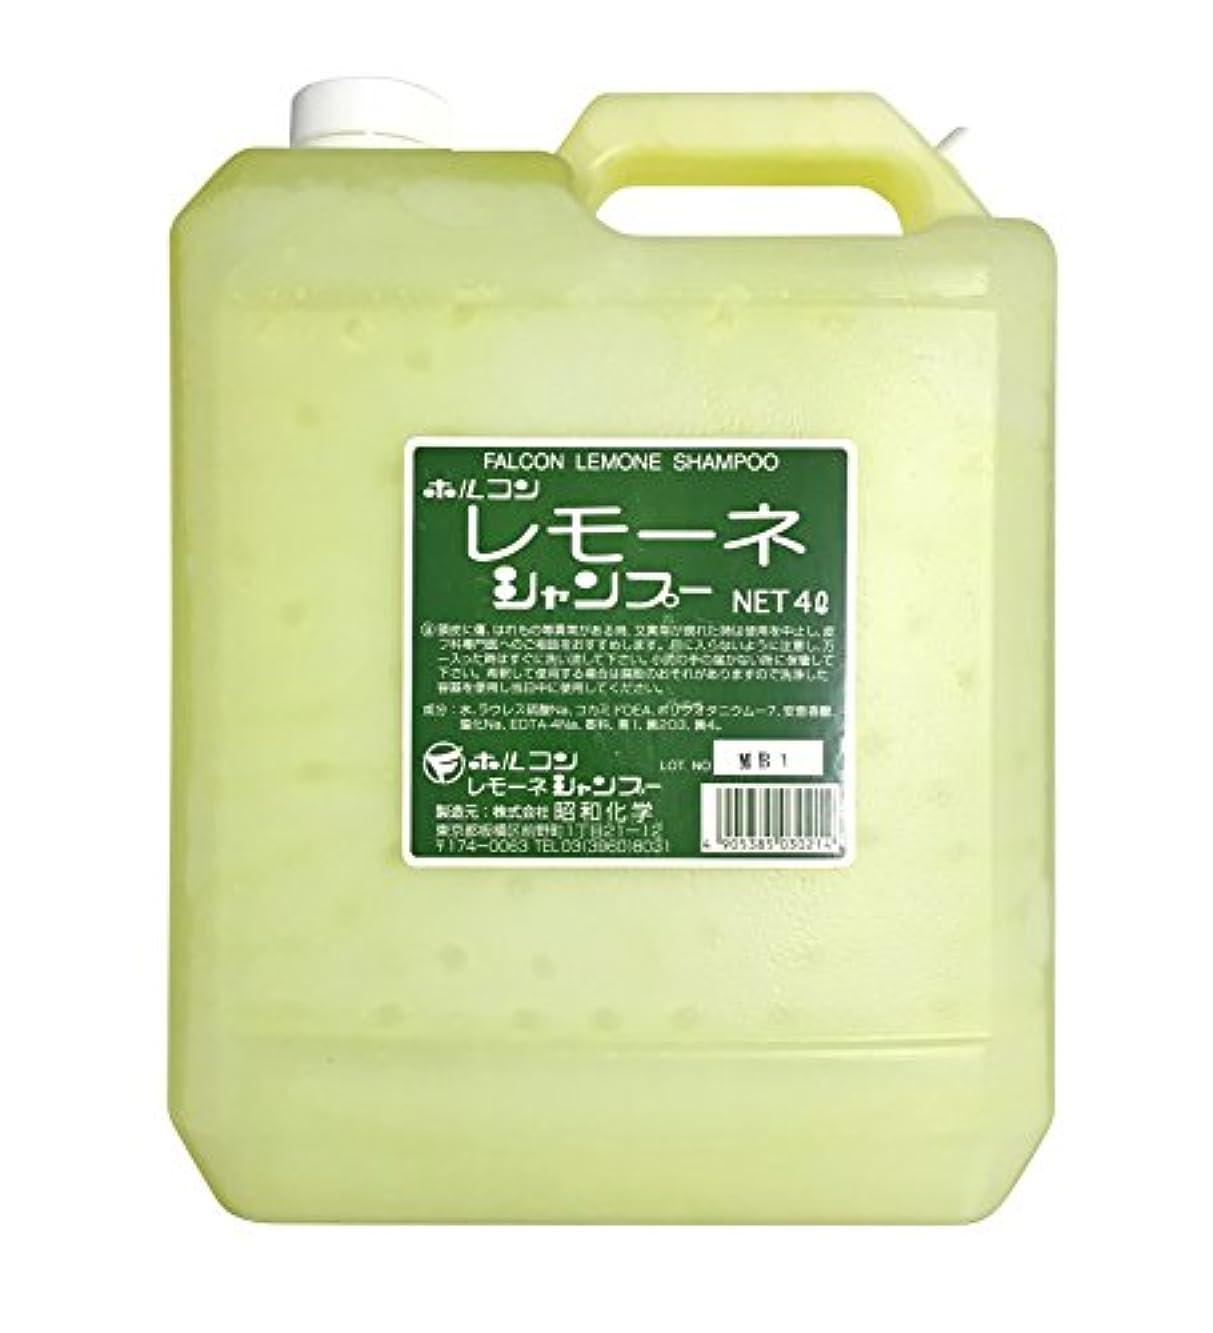 ロードされた権限半島昭和化学 ホルコン レモーネシャンプー 4000ml